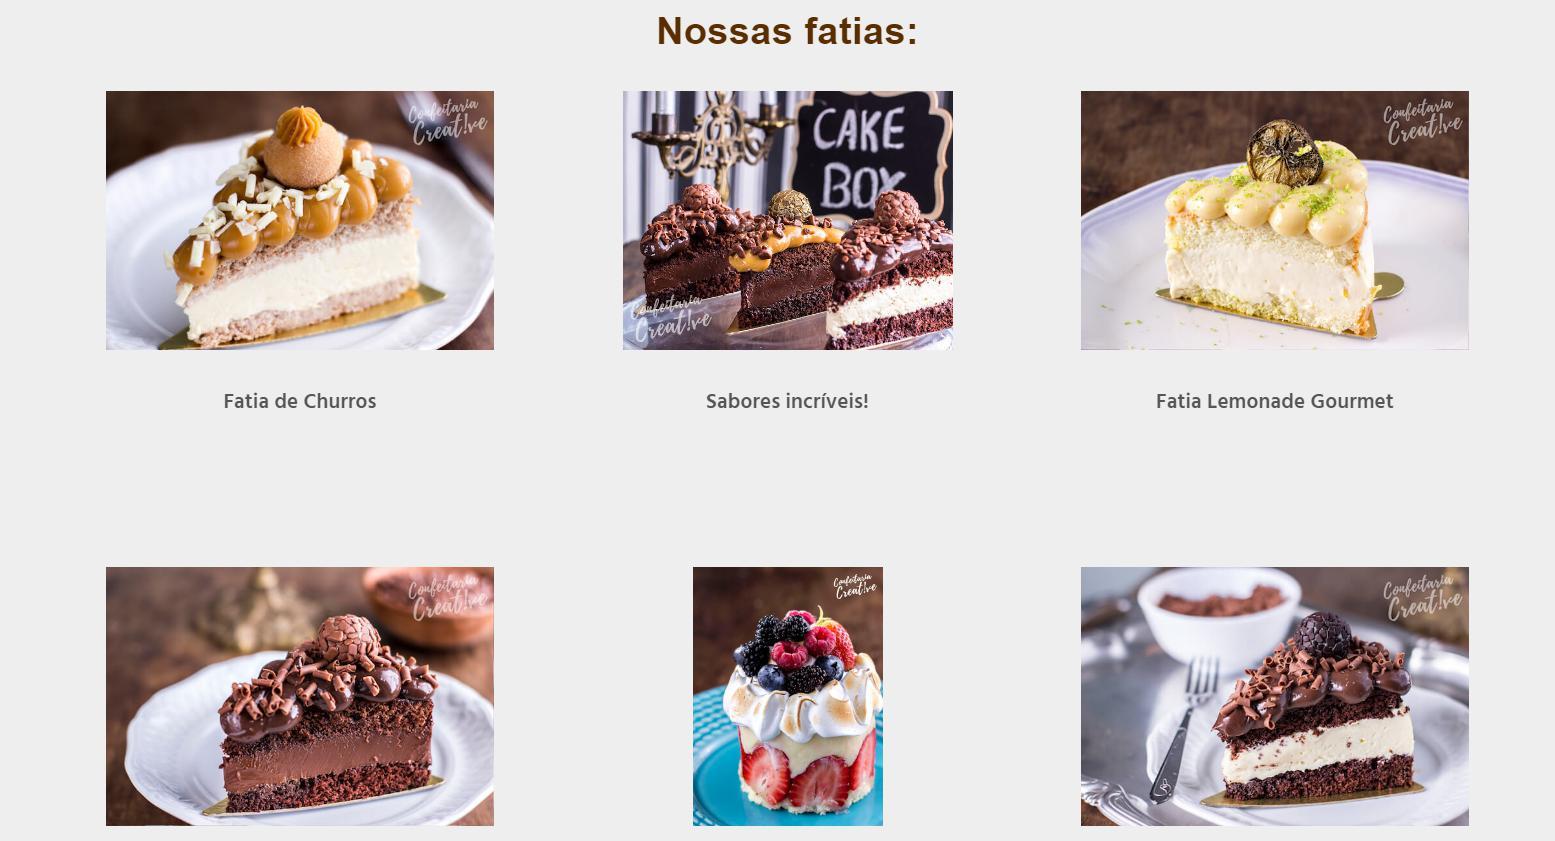 Cakebox Fatias Geladas